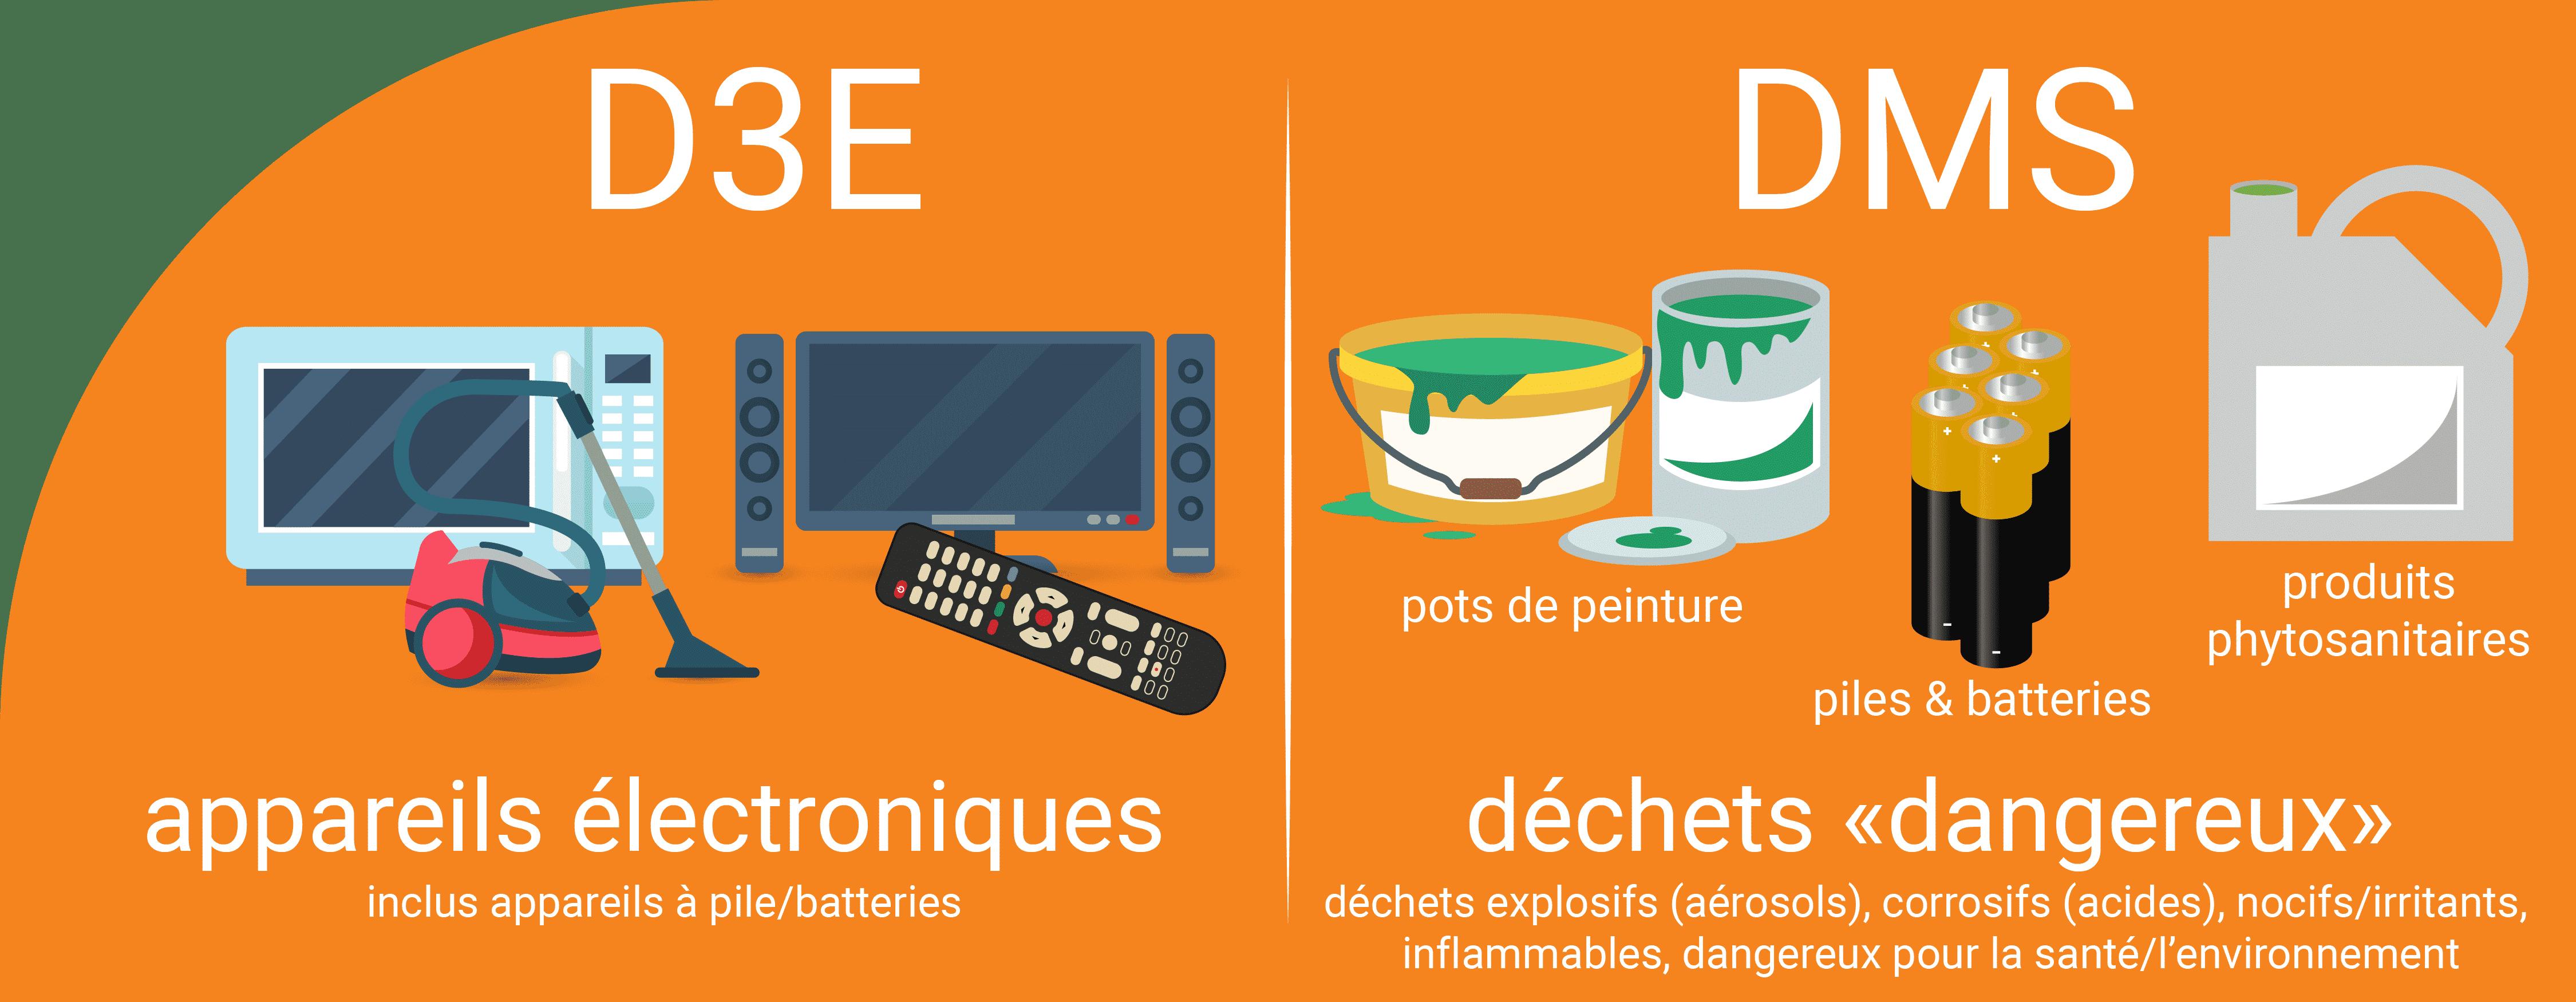 D3E et DMS : appareils électroniques et déchets dangereux (déchets explosifs (aérosols), corrosifs (acides), nocifs/irritants, inflammables, dangereux pour la santé/l'environnement)